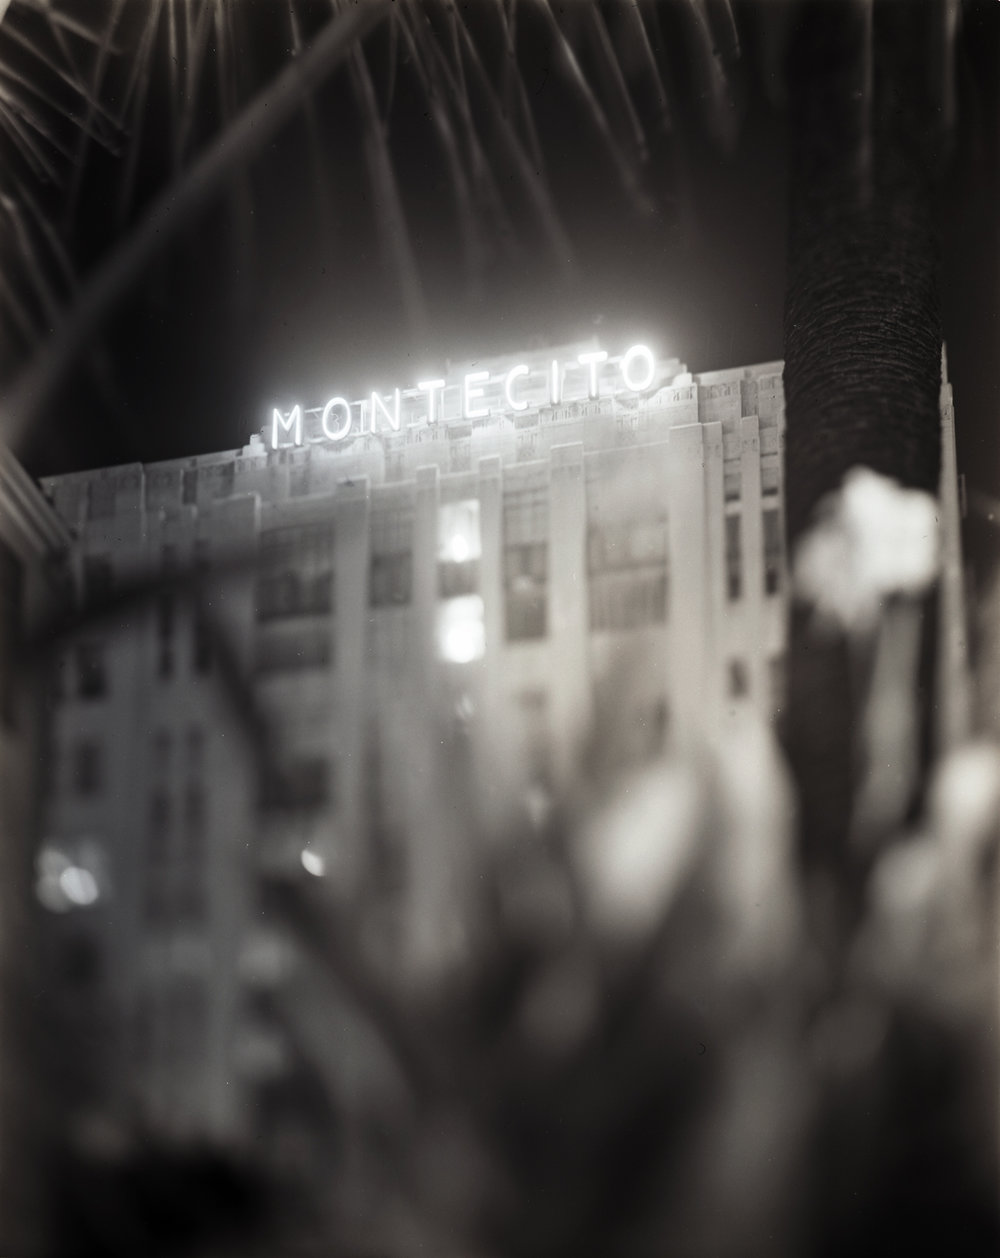 MONTECITO.jpg